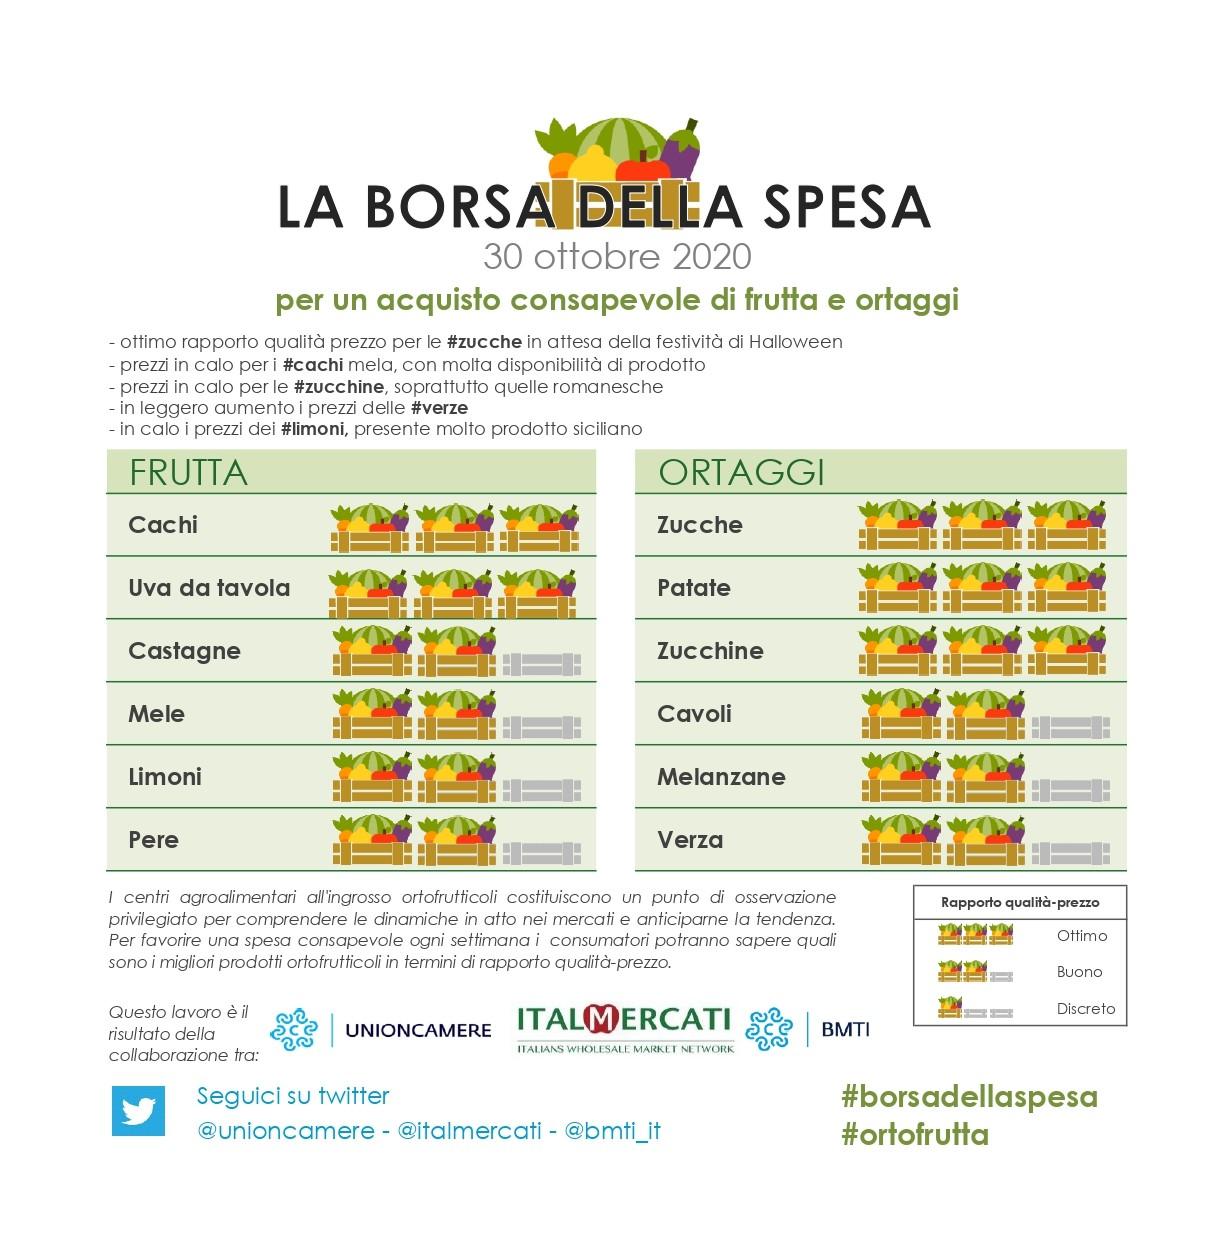 Nella #borsadellaspesa di #ortofrutta di questa settimana: #zucche, #patate, #zucchine, #cachi e #uva da tavola  - 30 ottobre